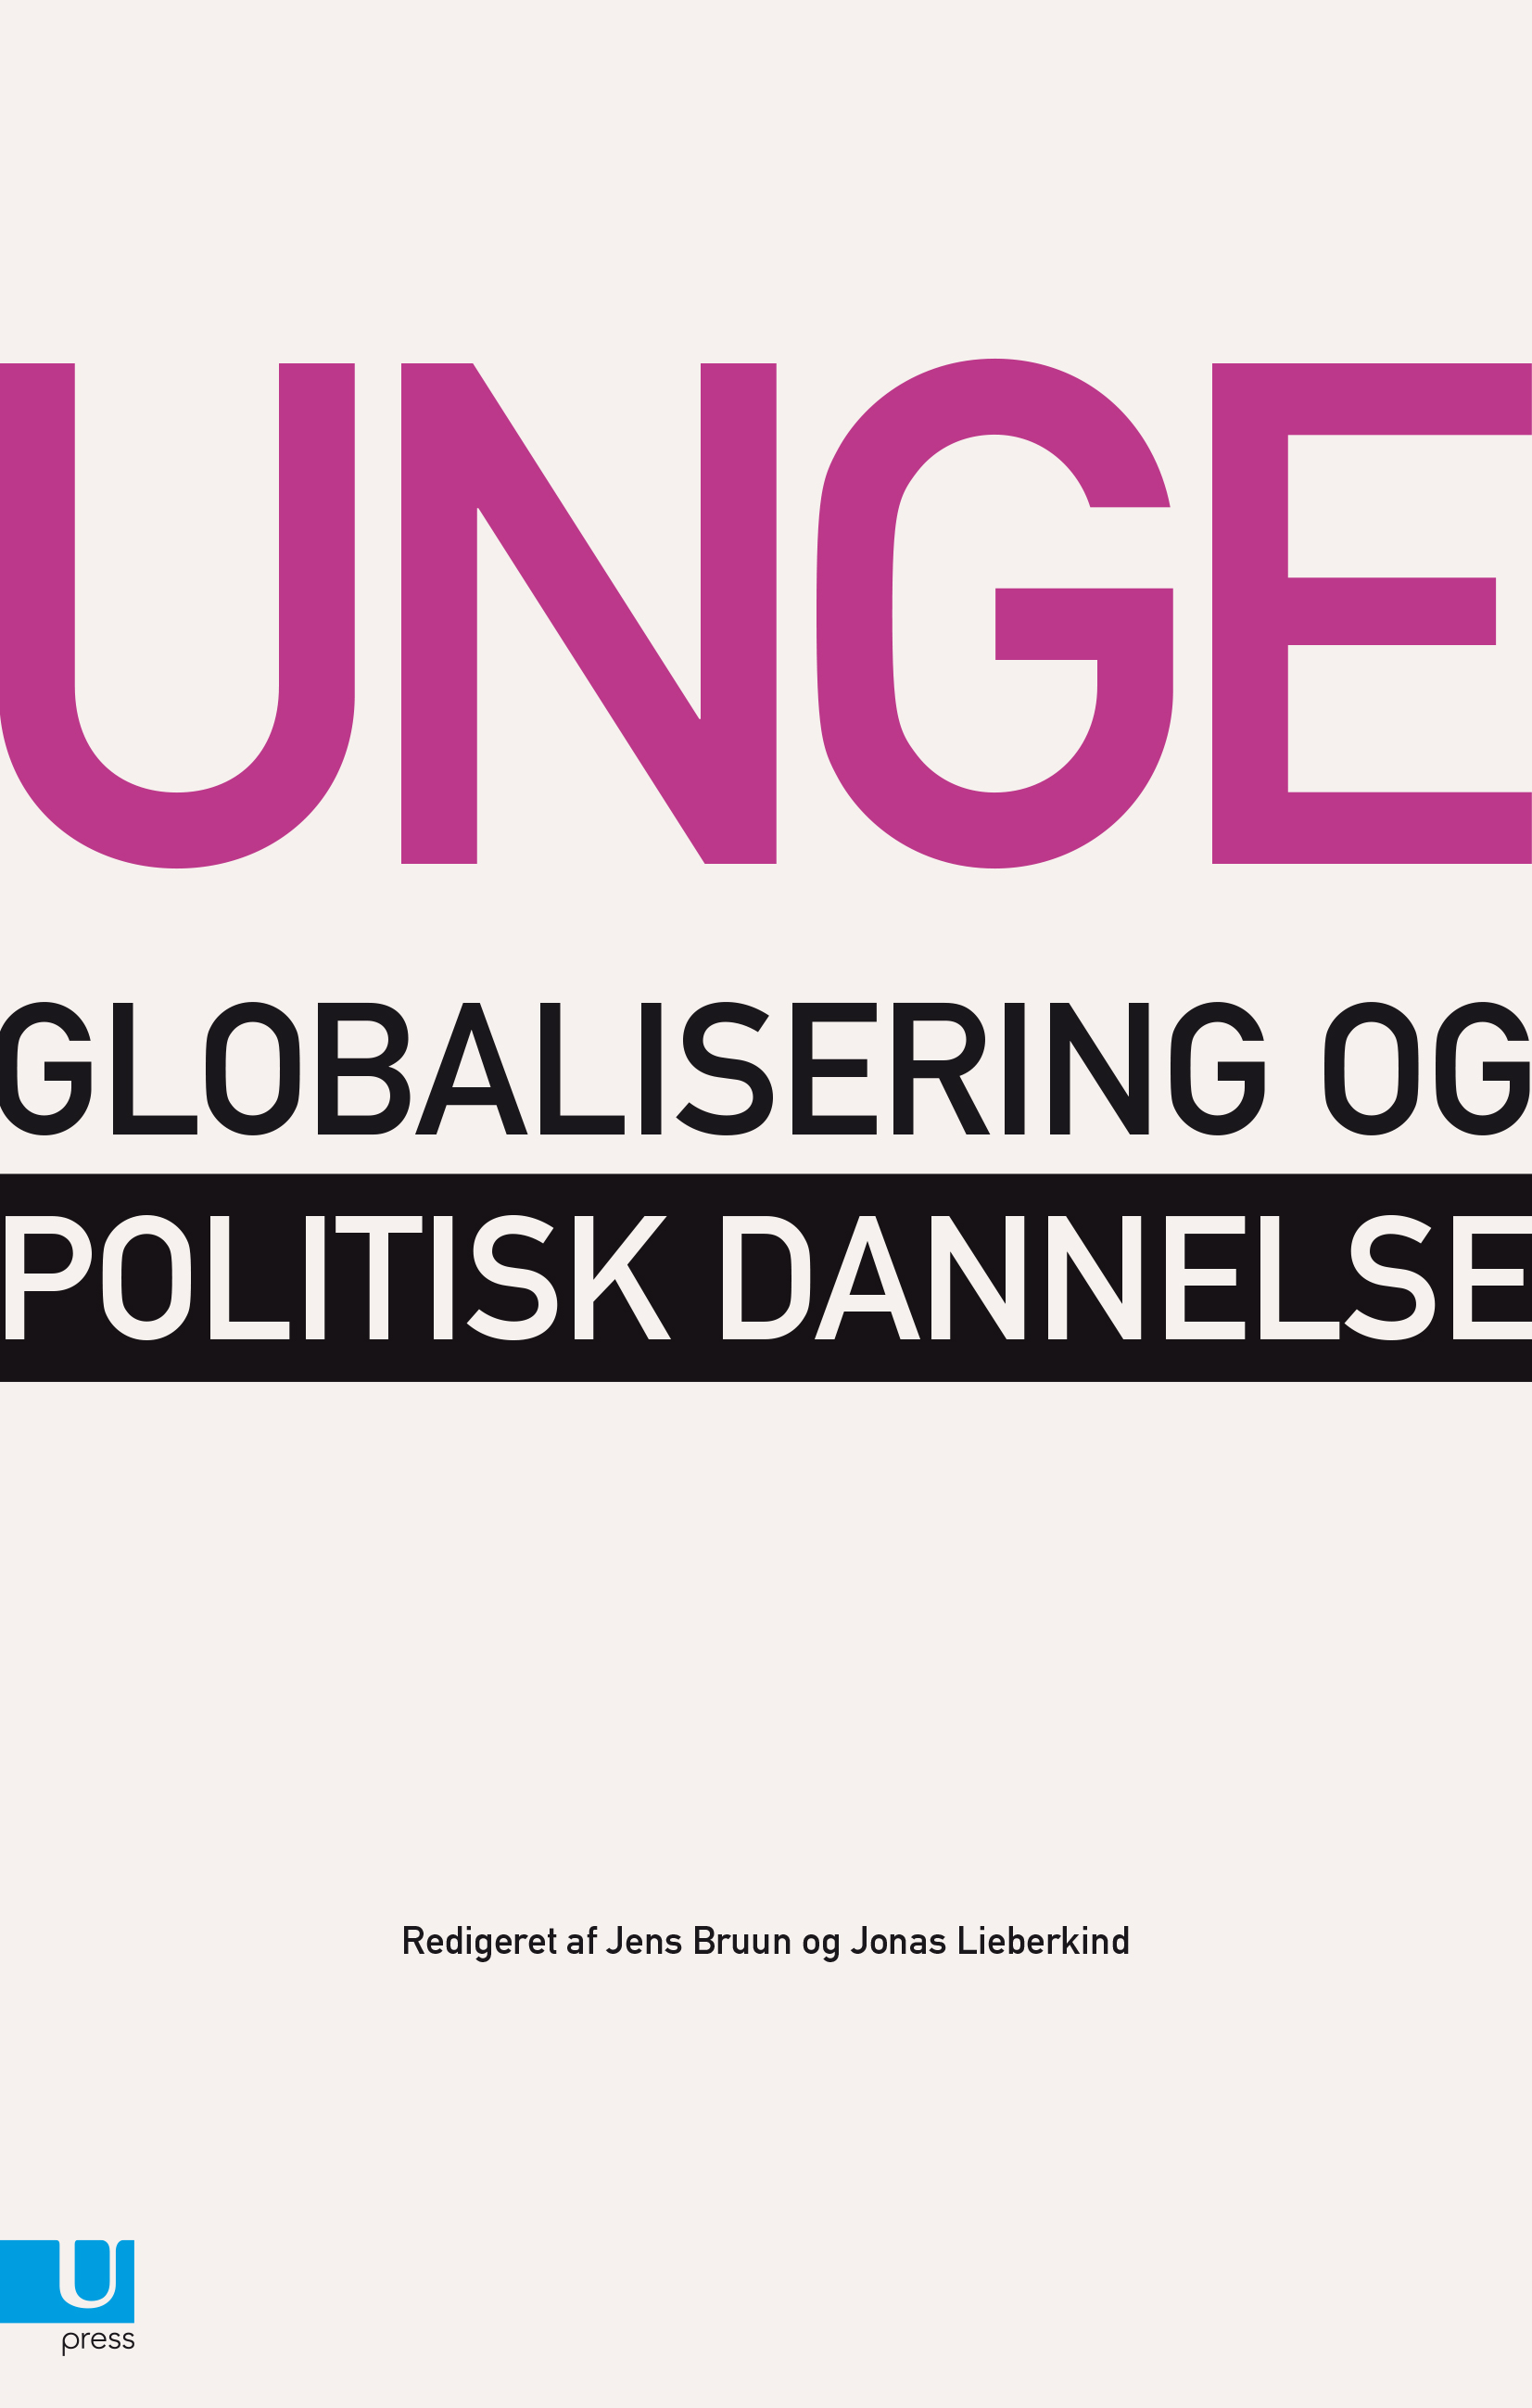 Unge_globalisering_forside_3.indd